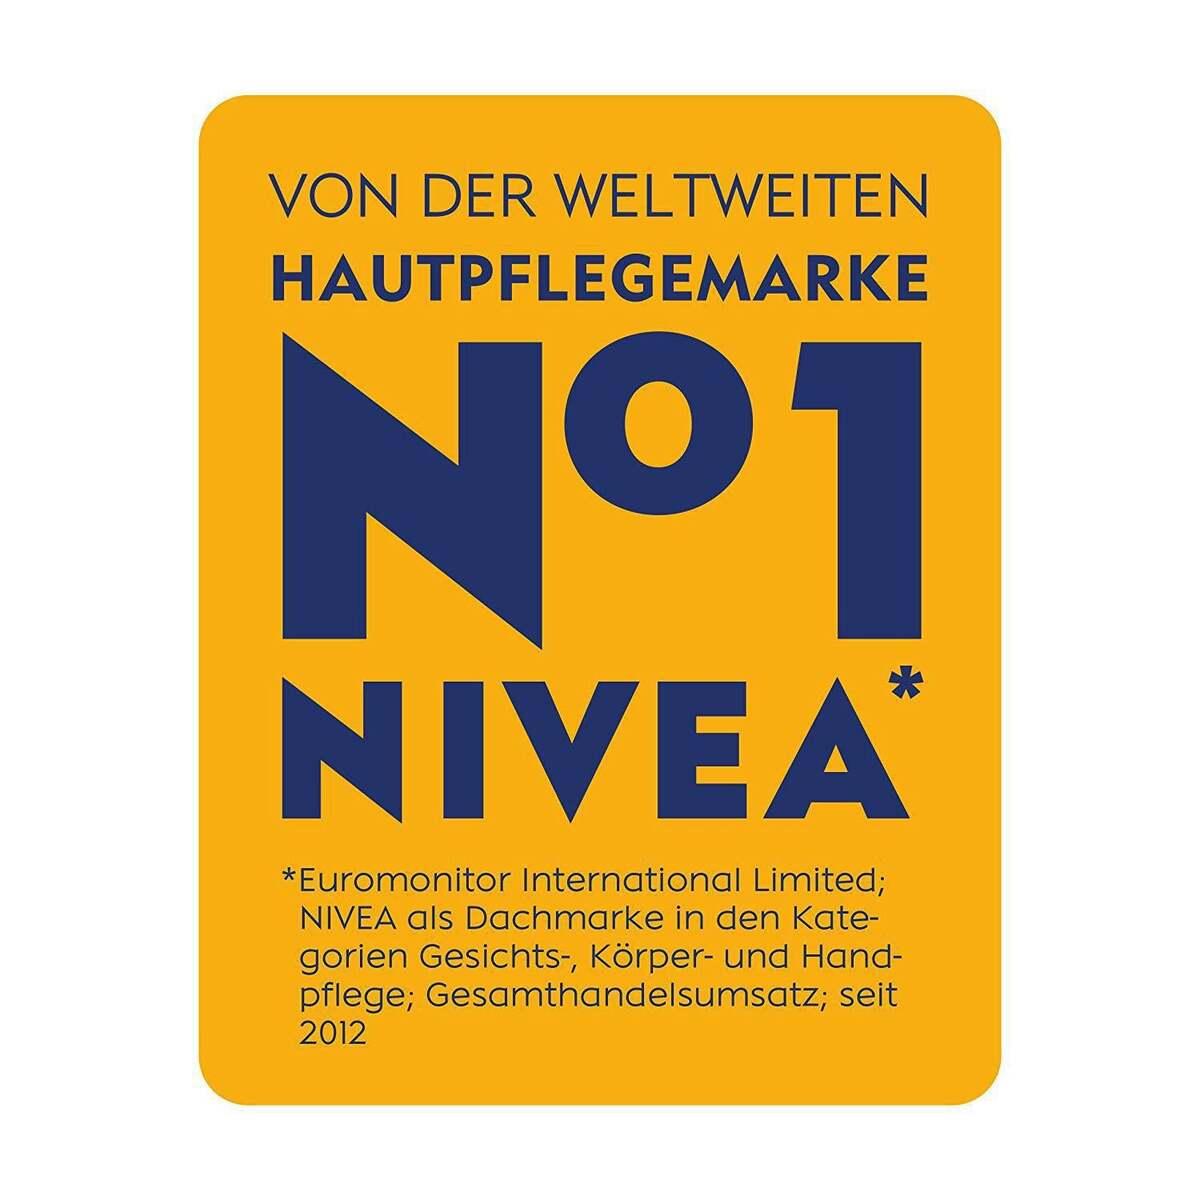 Bild 7 von NIVEA Q10 plus Hautstraffende Body Lotion 12.48 EUR/ 1 l